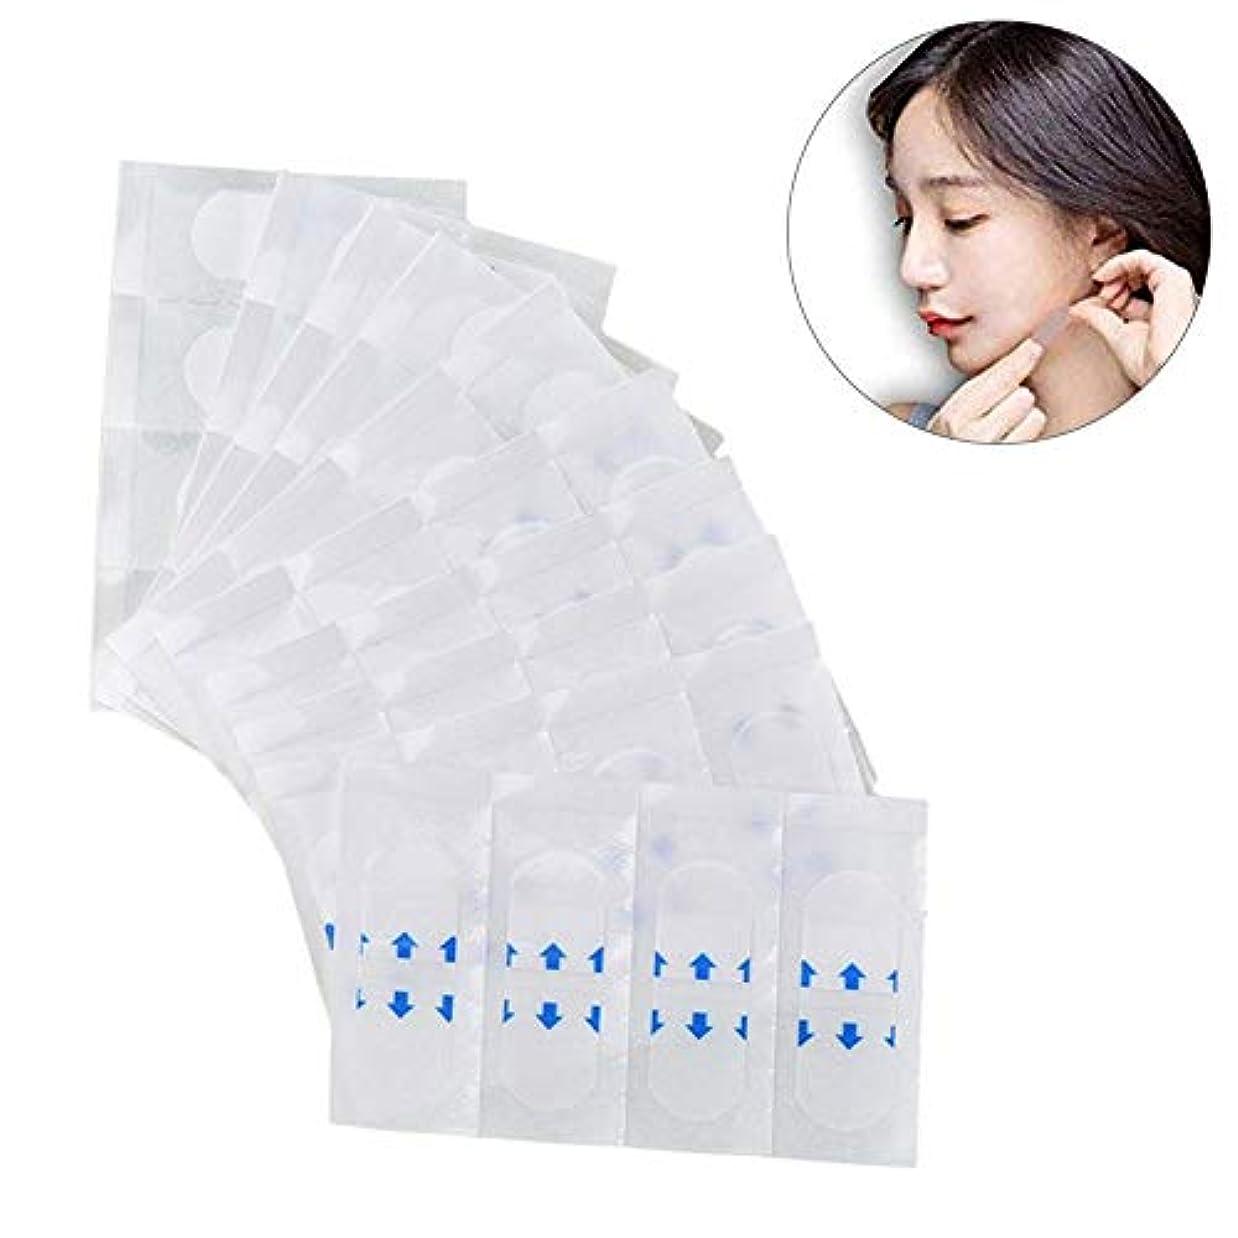 真空暖かくパールメーキャップツール、メイクアップ用透明テープ、顔のためのテープ、顔のステッカー、顎のリフト美容ツールの目に見えないステッカー, 40PCS/PACK